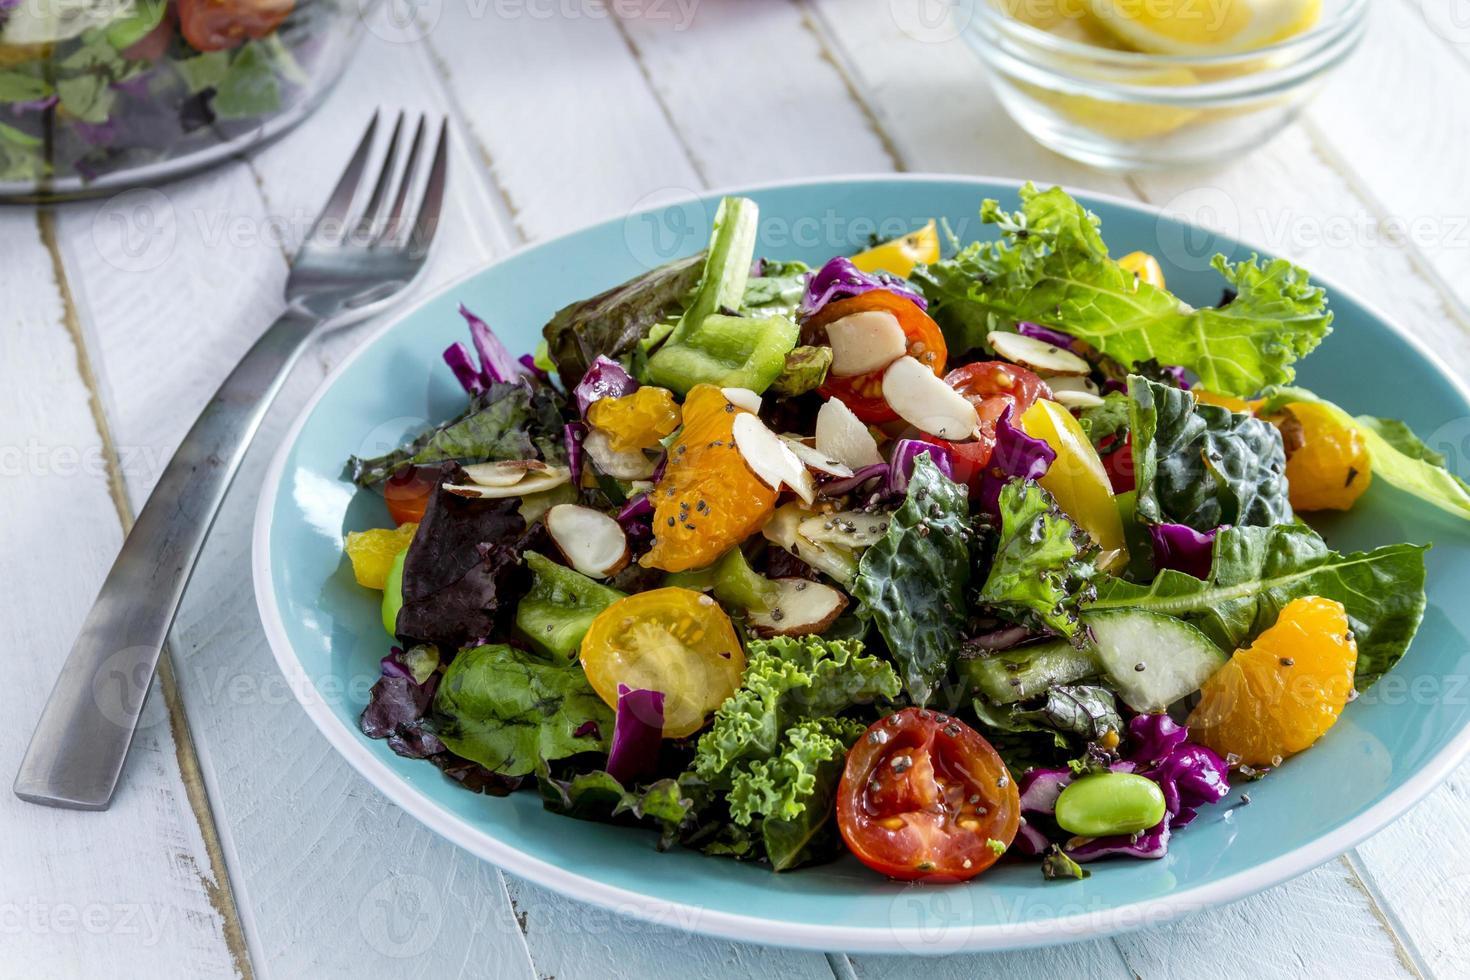 biologische superfood vegetarische salade foto